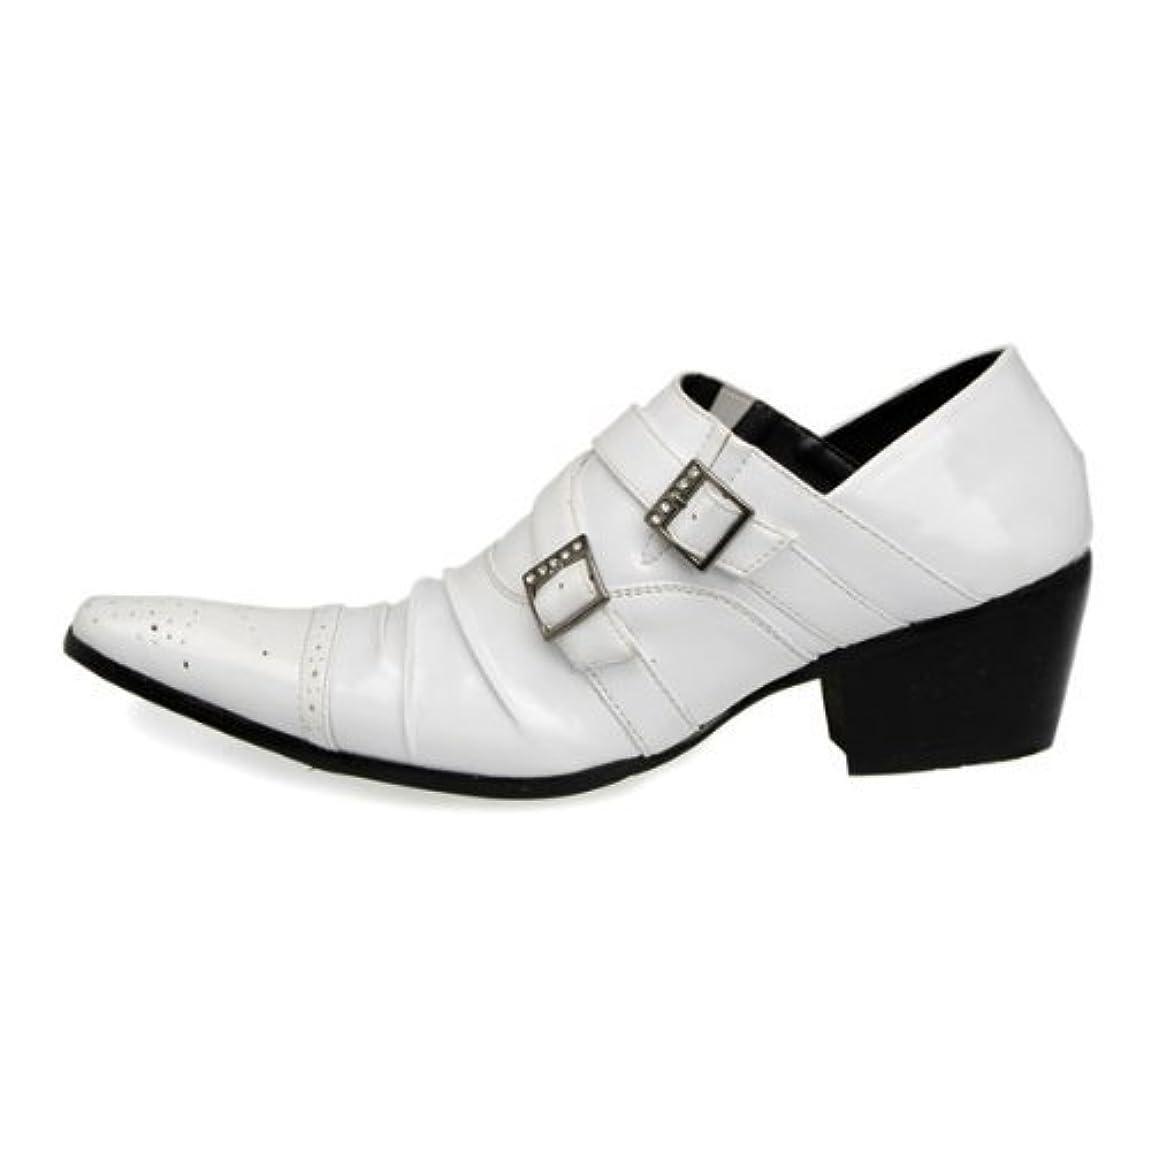 あなたが良くなりますワイド彫刻家[エンデヴァイス] ショートブーツ ヒールブーツ メンズ ハイヒールブーツ 本革 レザー スエード センターシーム 厚底 サイドジップ レッドソール 春 紳士靴 ユニセックス V系 ヴィジュアル系 ビジュアル系 [ELB505-1 ] [ BZC023 ]